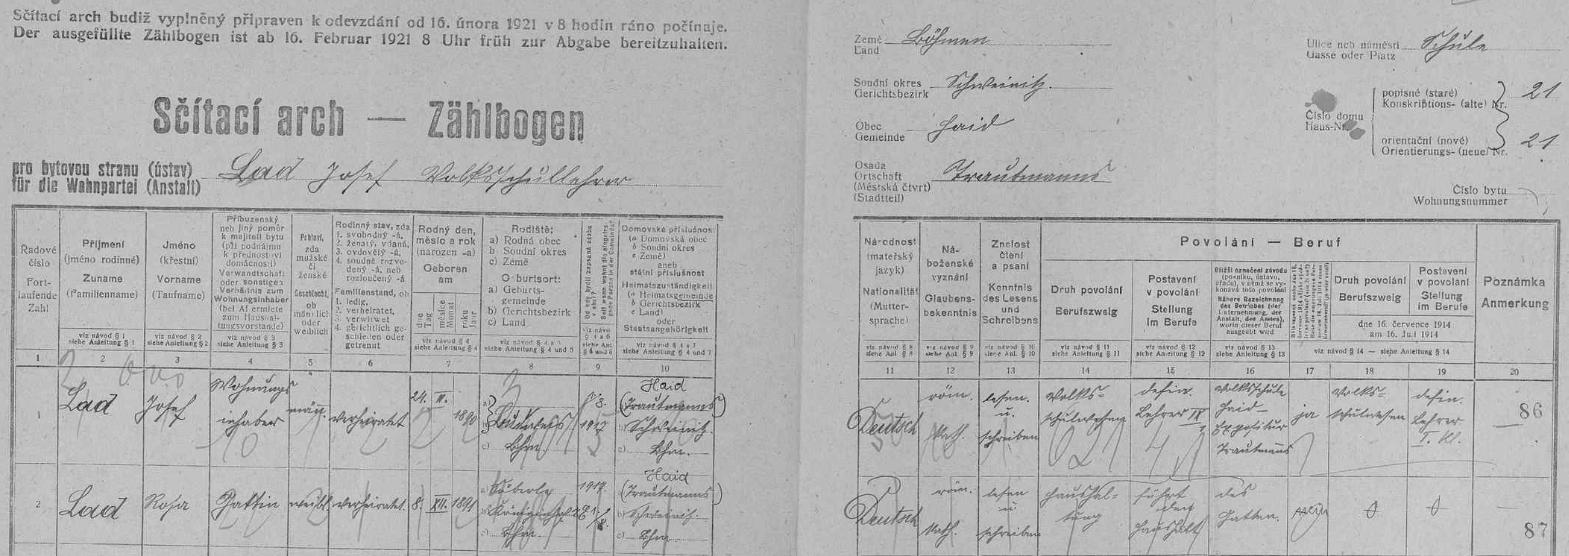 Arch sčítání lidu z roku 1921 pro školní budovu v Trutmani čp. 21 s panem učitelem Josefem Ladem a jeho ženou Rosou, roz. Flegelovou ze Záboří (Söberle) u Dvora Králové (Königinhof) - dnes patří Záboří k obci Vítězná (původně Huntířov, německy Güntersdorf)